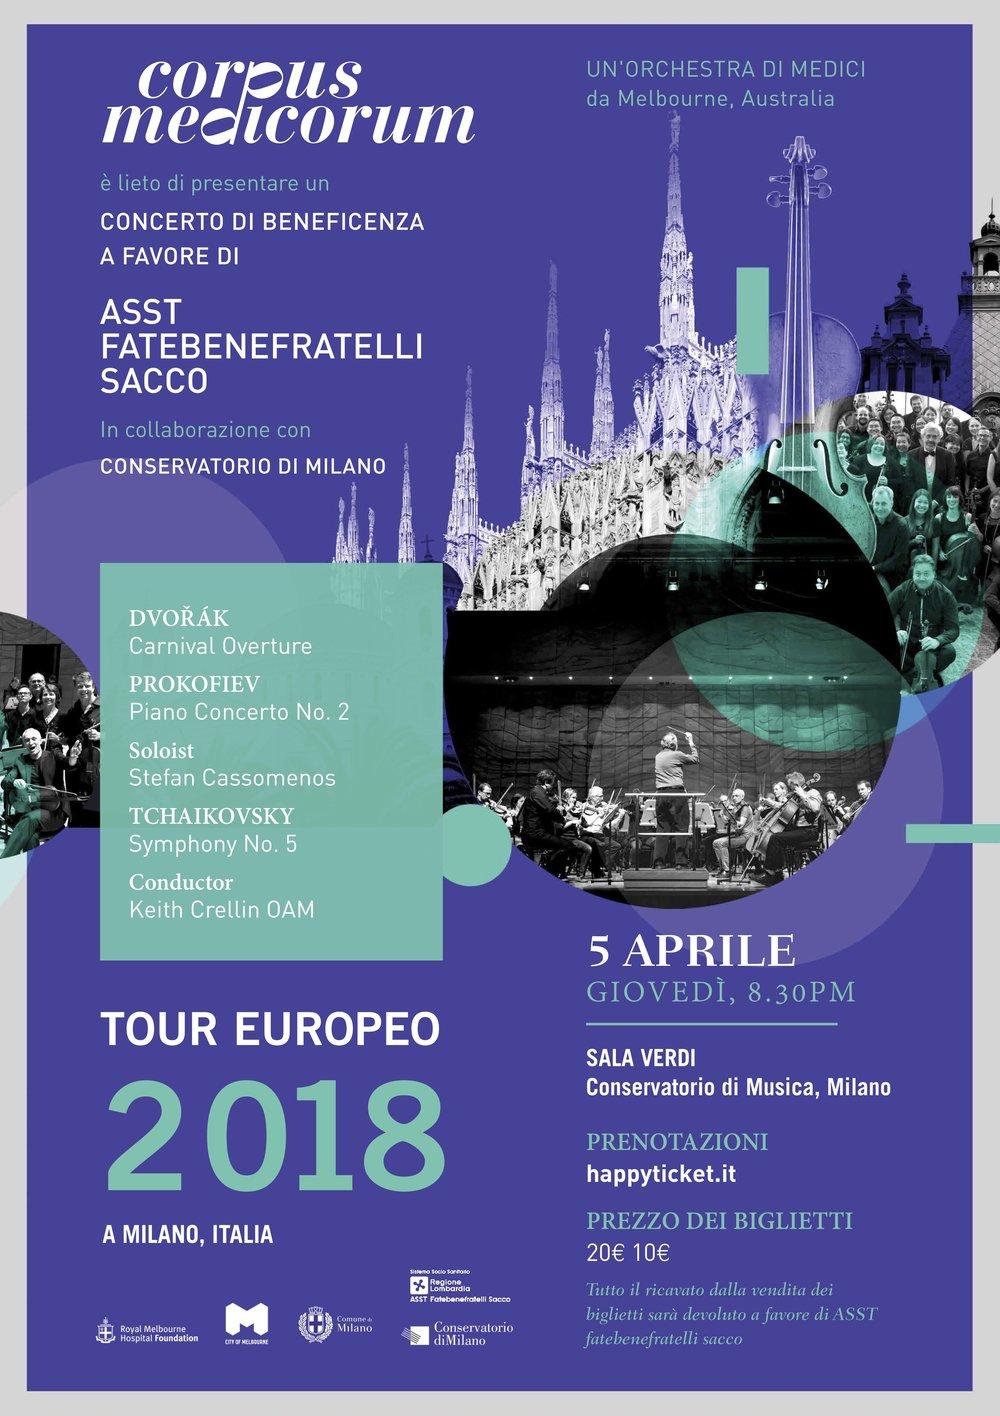 CMM-0015 2018 Milan Concert A1_Proof-12:3:18.jpg